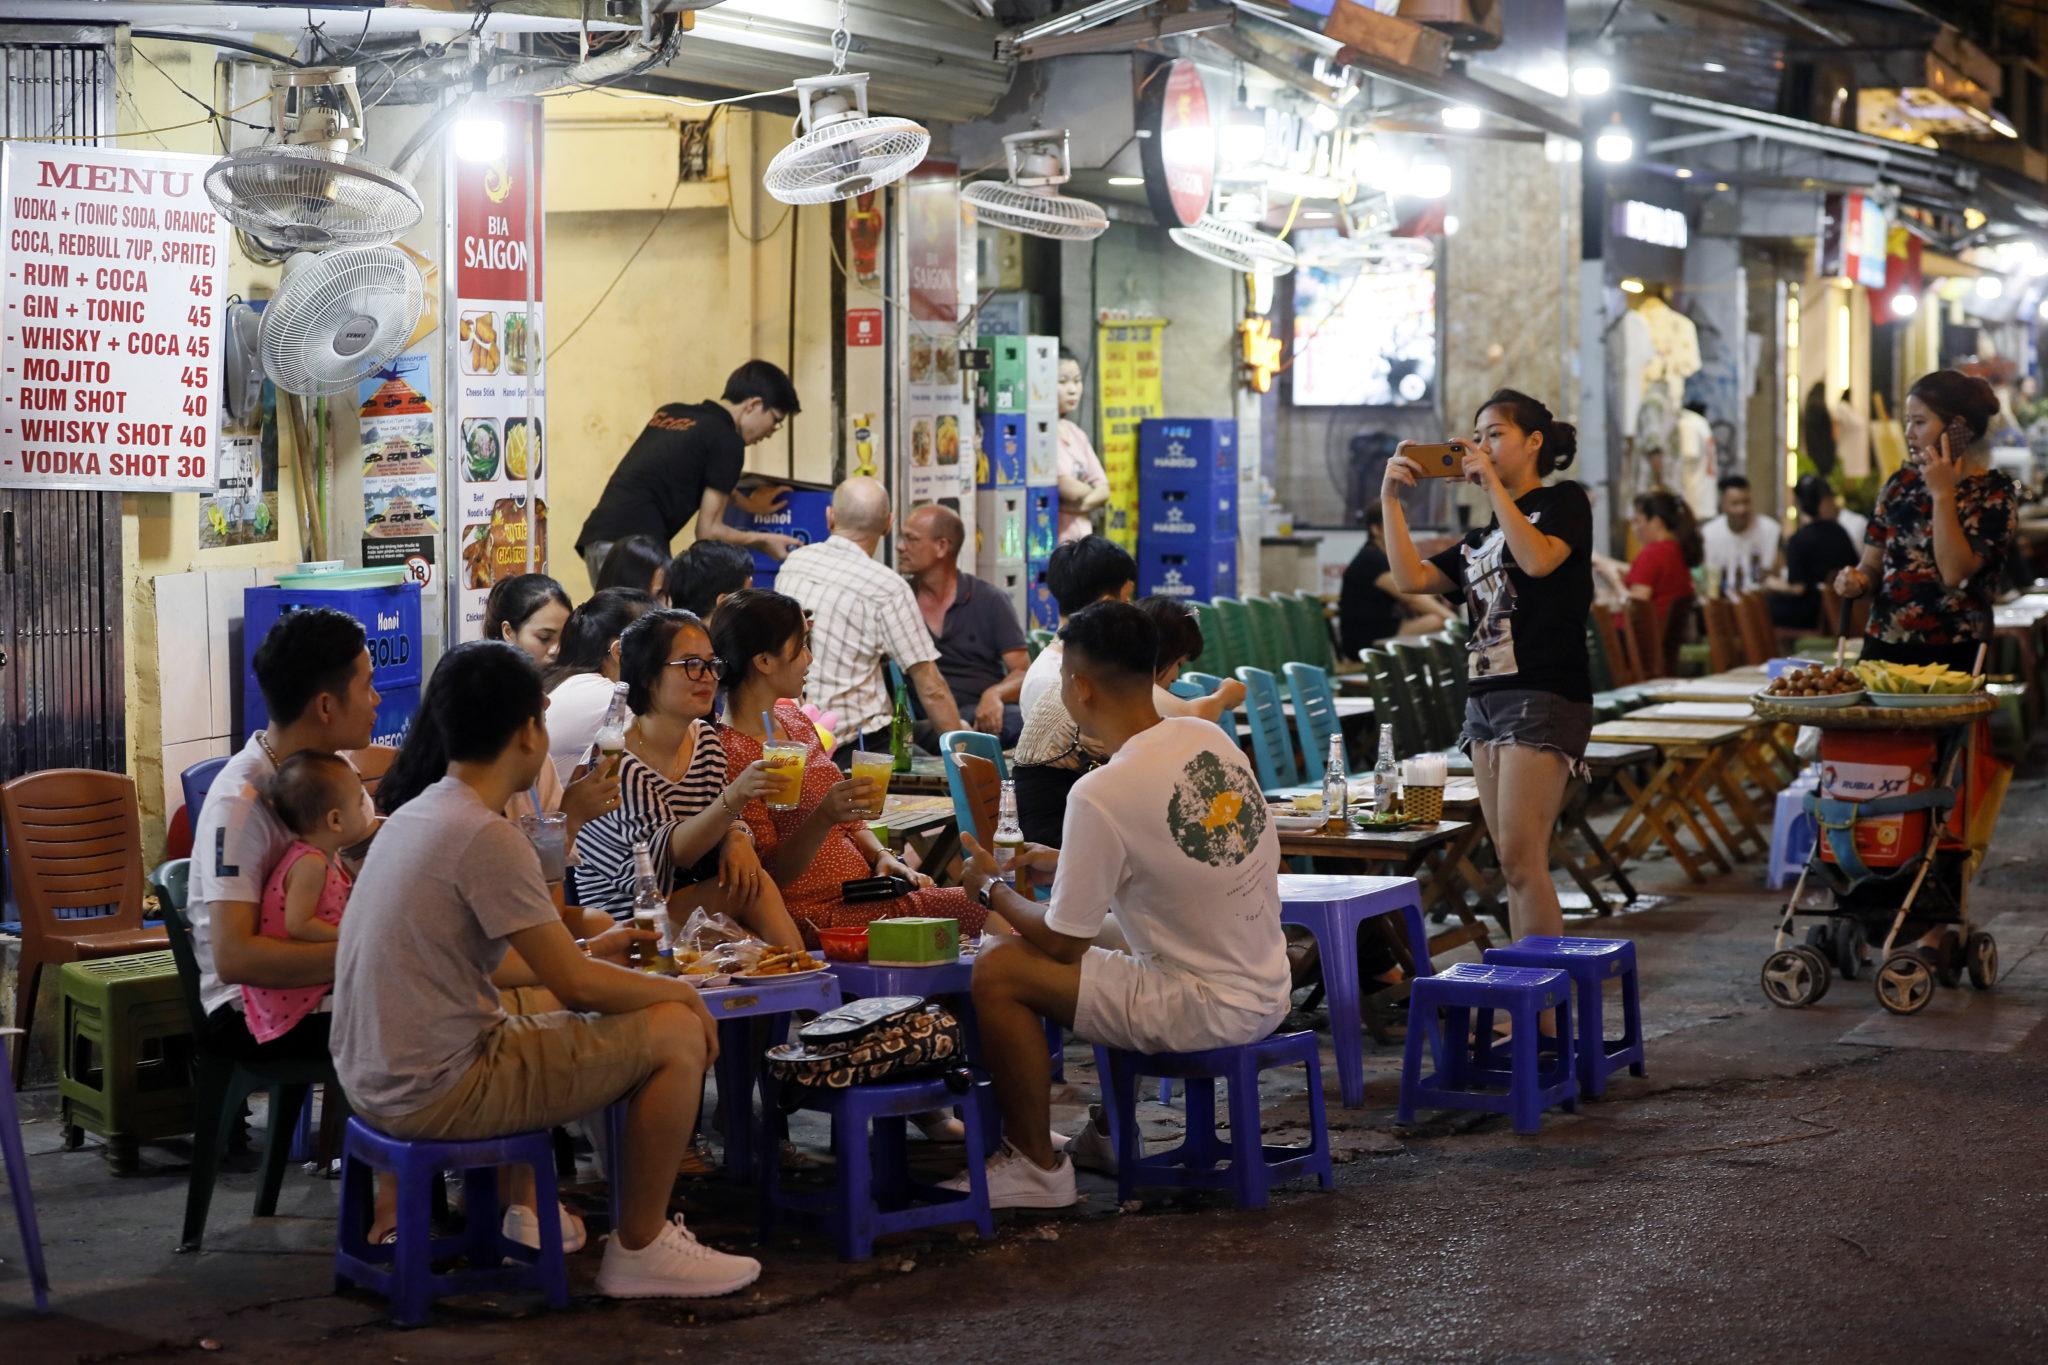 Wietnam otwiera się powoli na turystów. Fot. EPA/LUONG THAI LINH